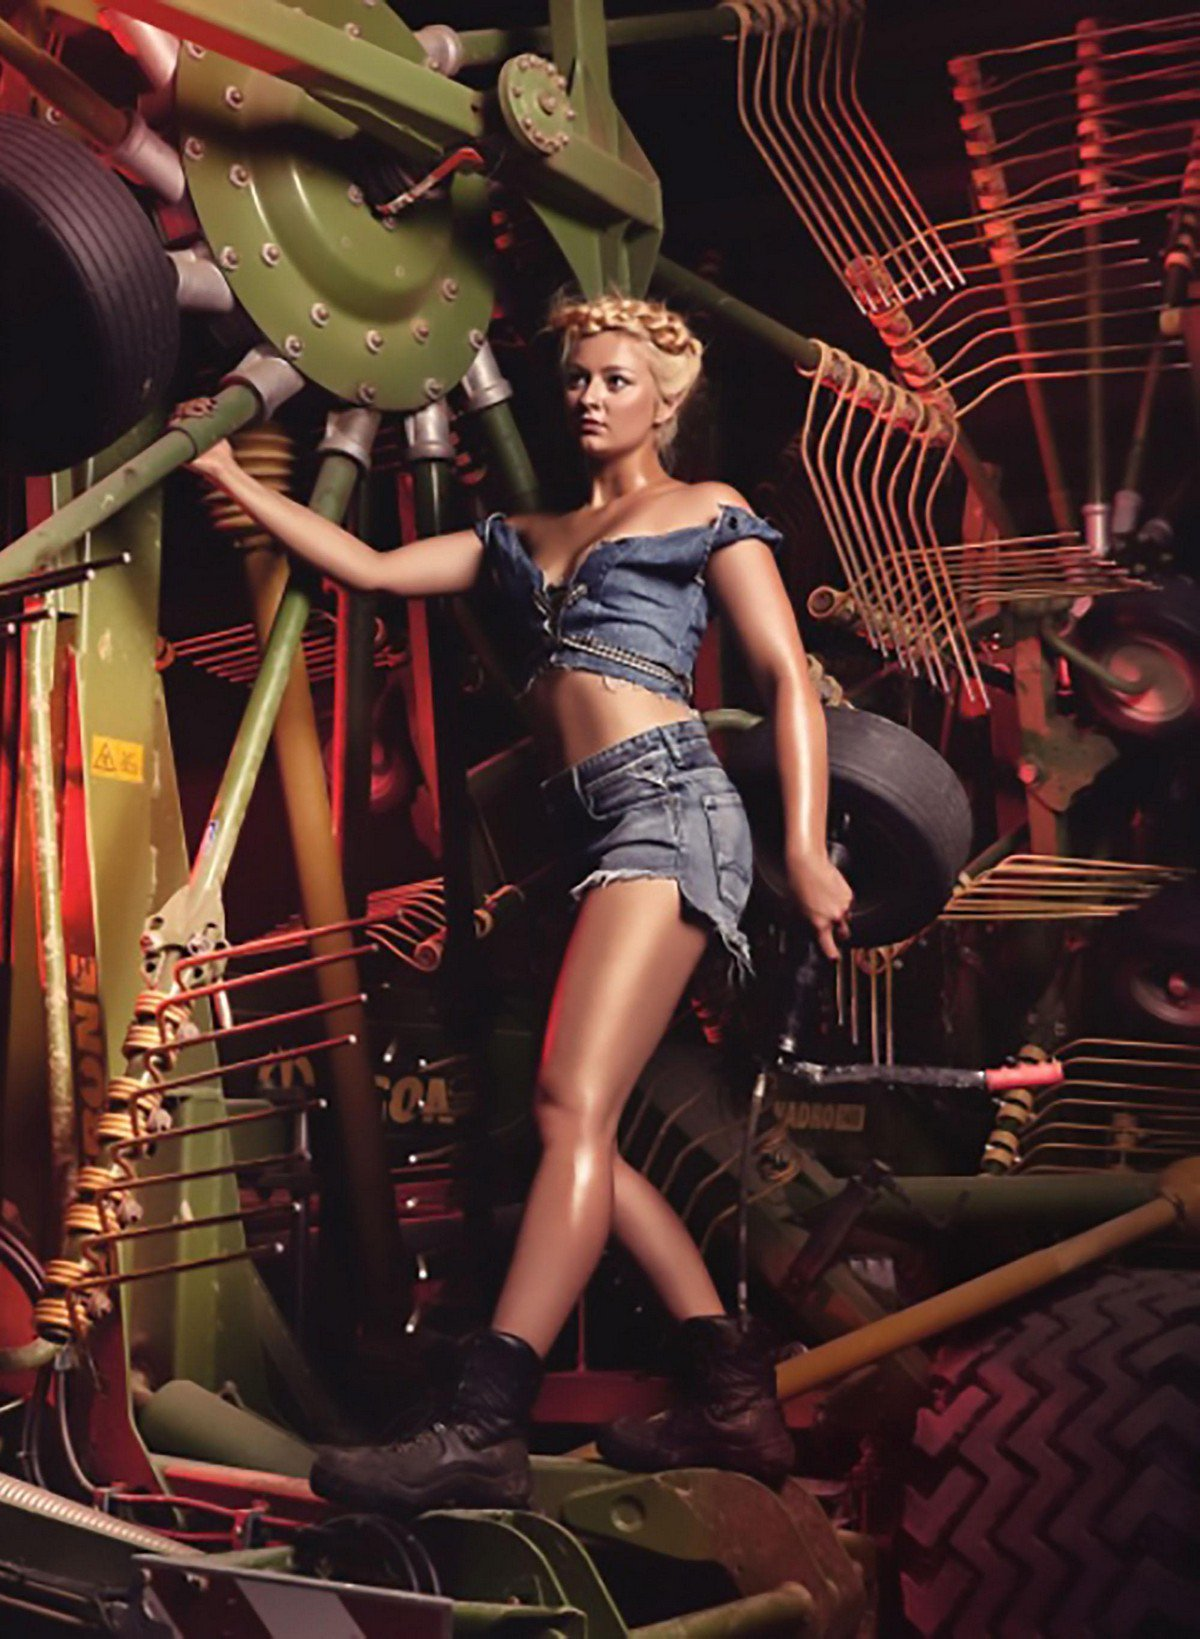 Все-таки немки красивые! Девочки-фермерши в издании «Молодой фермерский календарь» «Юнгбауэр 2019 молодых, сельского, фермеров, Баварии, герои, изобразить, попытались, новом, художественно, календаре, работу, фермерымужчины, «День, сказал, женщины, выполняют, спроектировать, важную, повседневные, суперменов